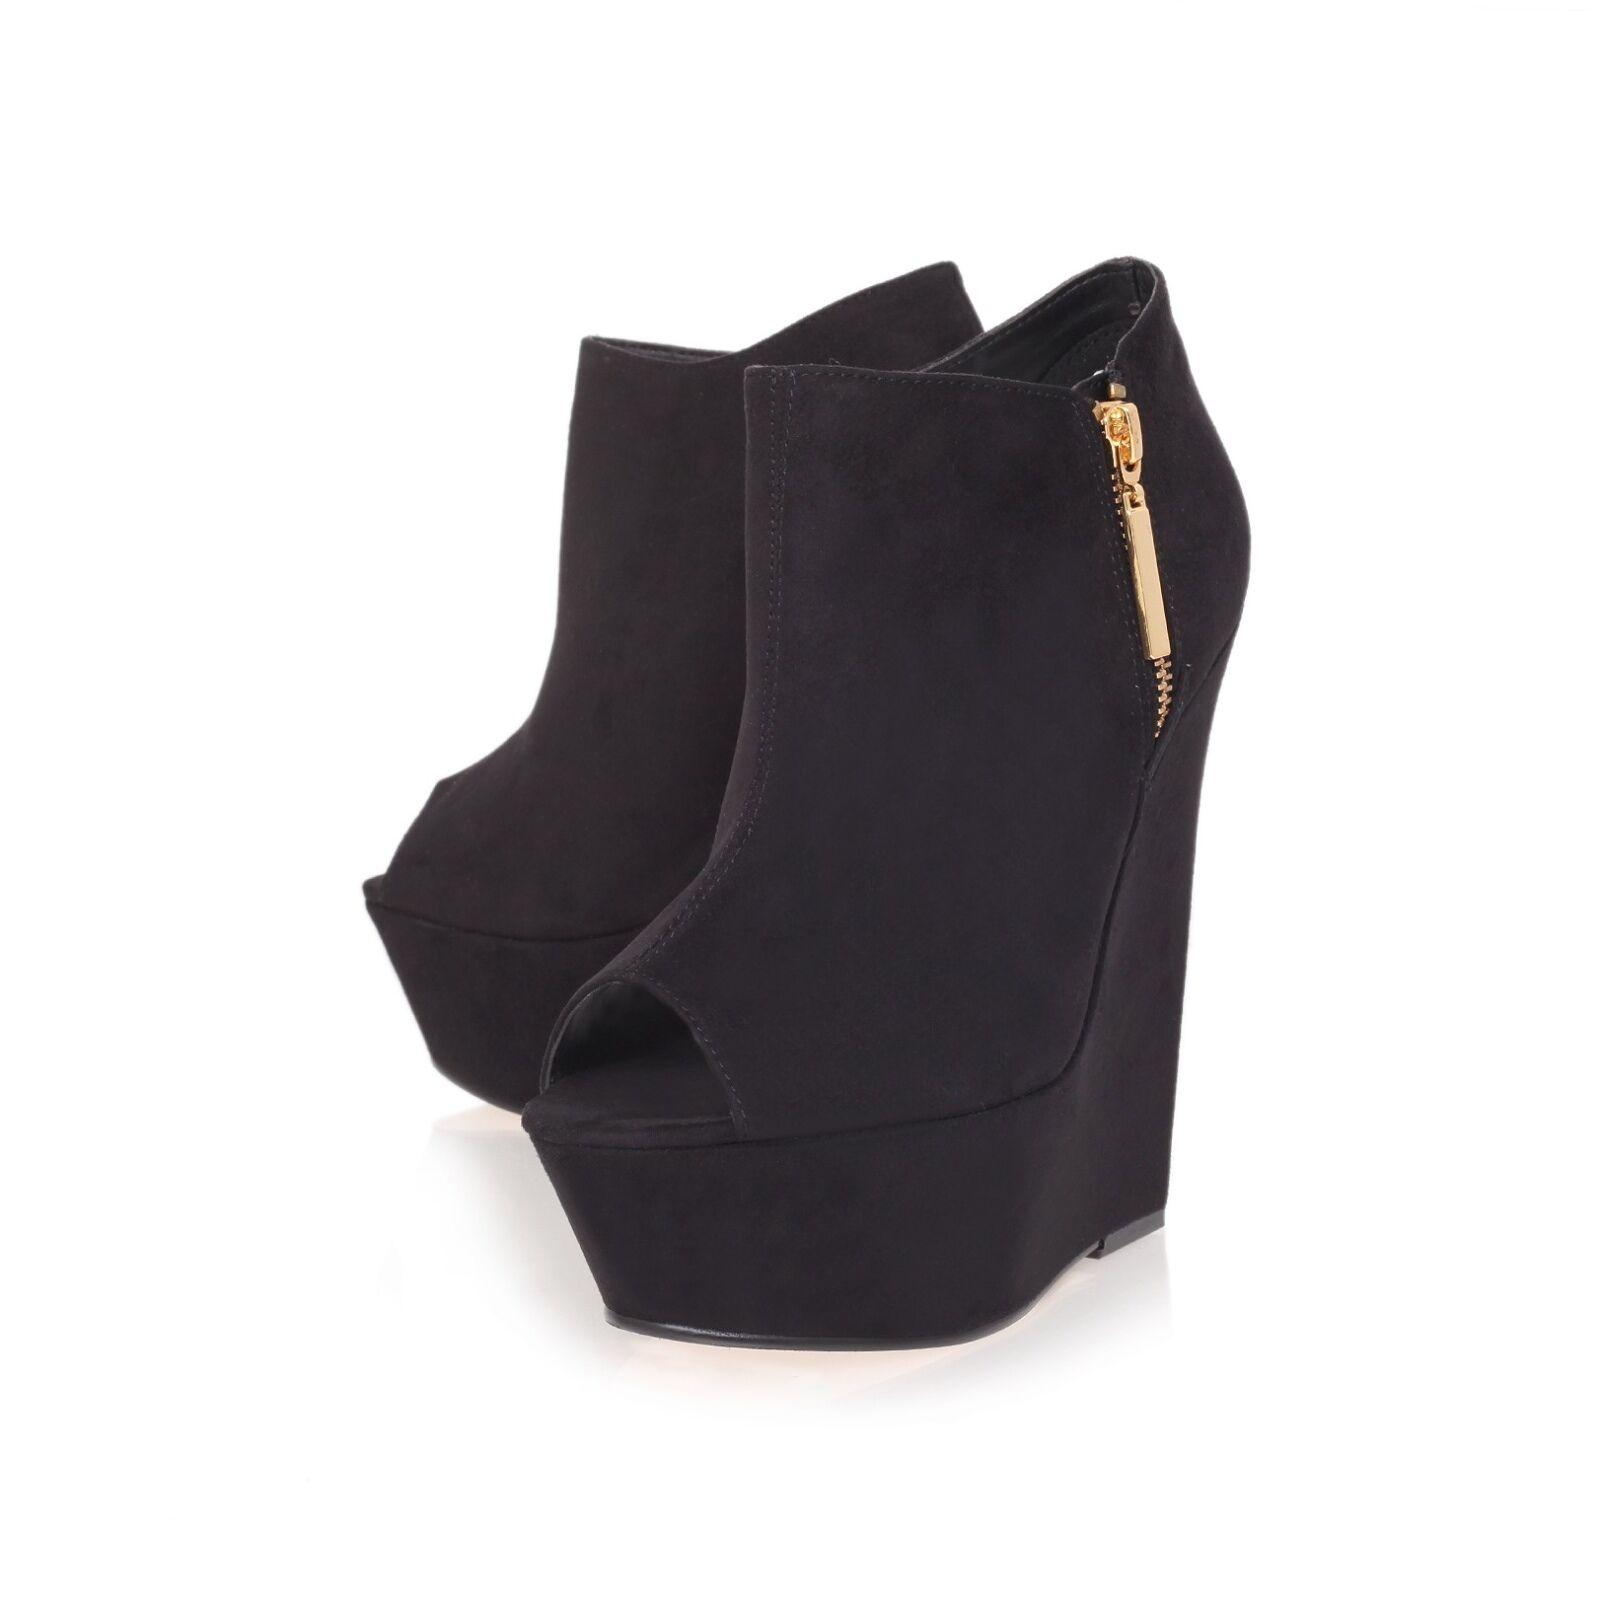 Carvela bottes noires... Wedge... bottes... UK 6 EU 39 fermeture de vente